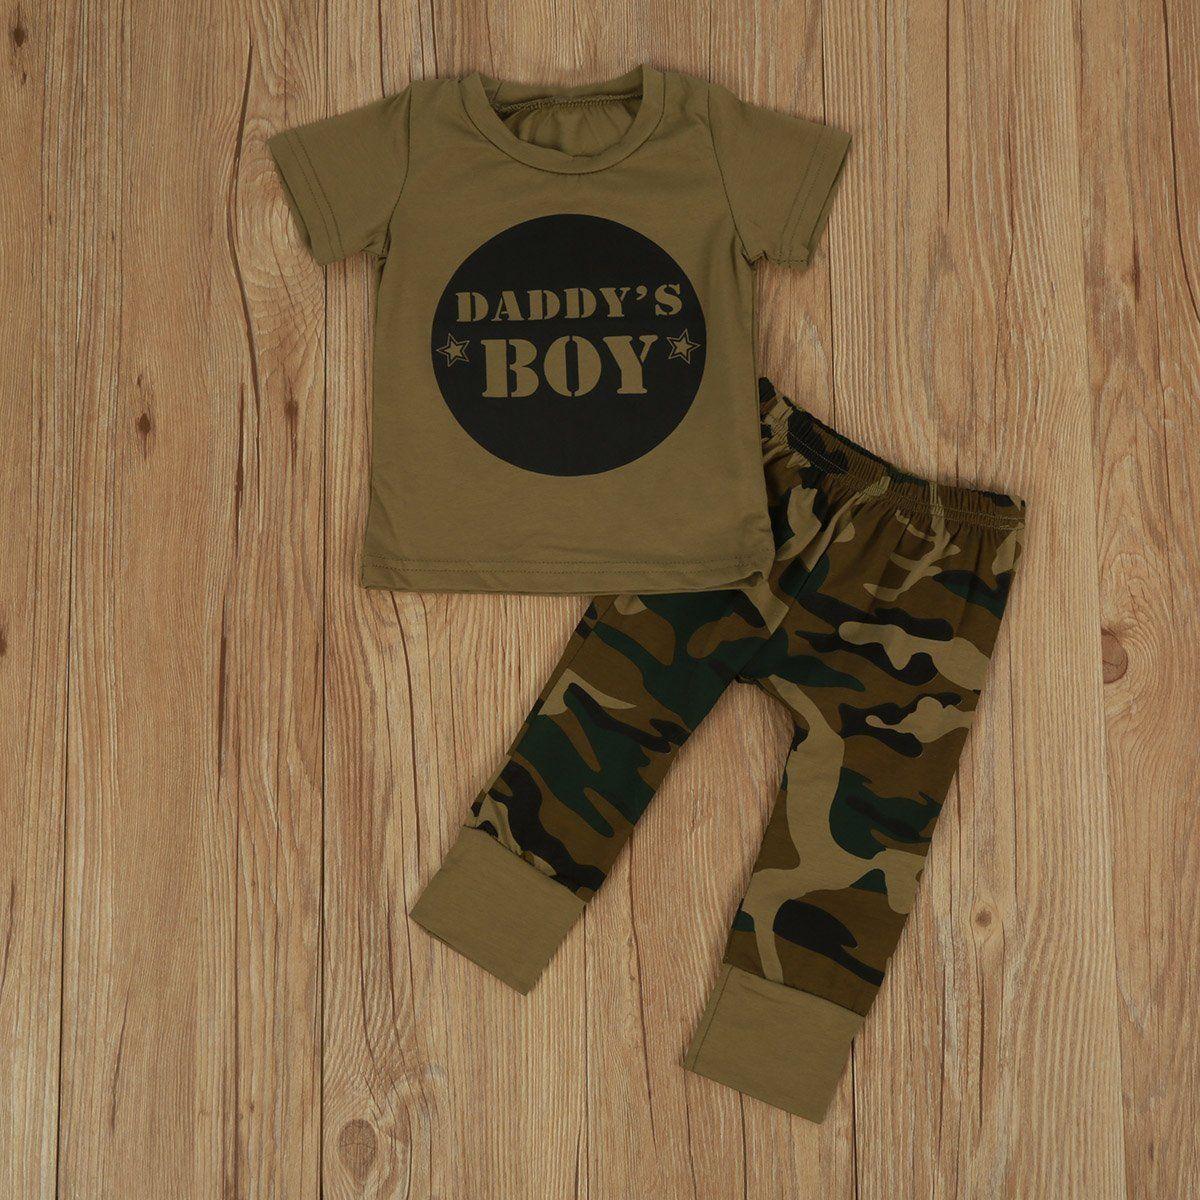 Toddler Kids Chłopcy Dziewczęta Topy Camo T-shirt Spodnie Letnie - Ubrania dziecięce - Zdjęcie 4